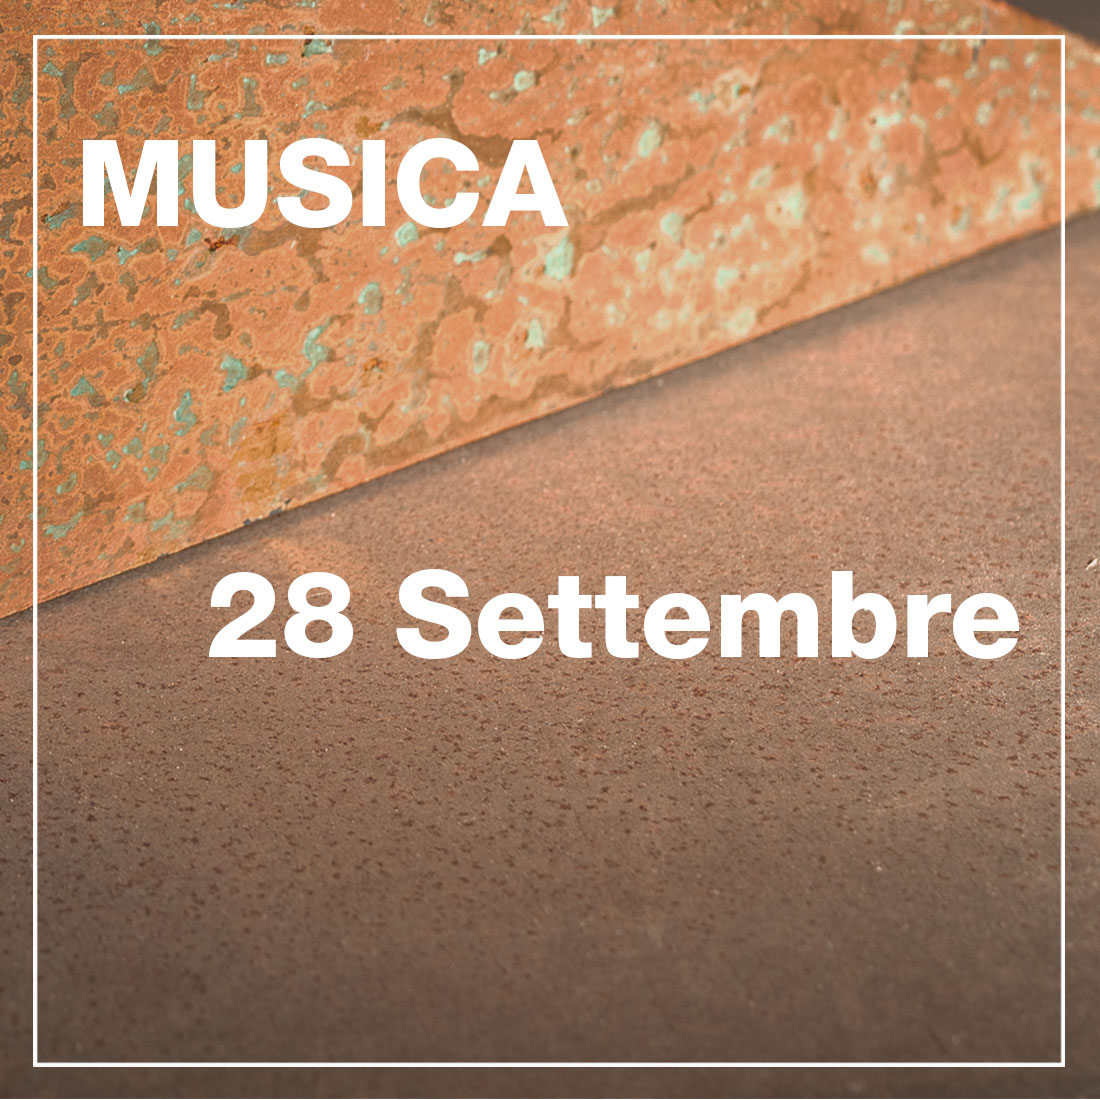 Musica - 28 Settembre